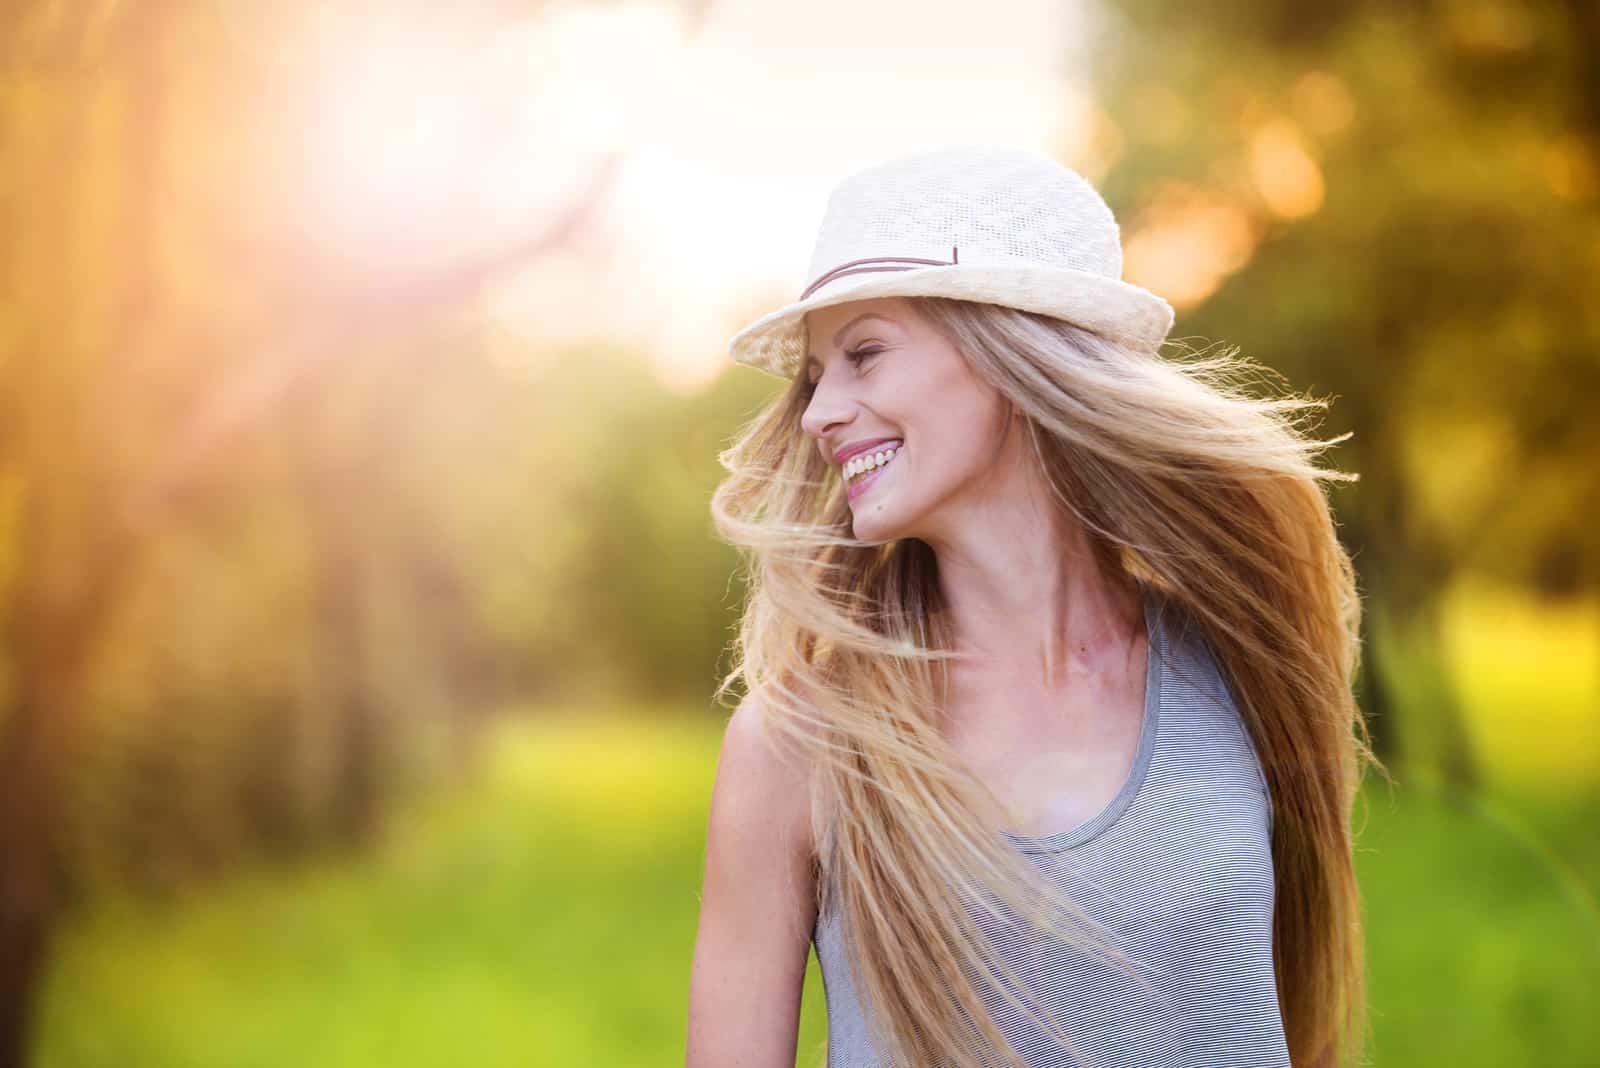 une femme aux longs cheveux blonds avec un chapeau rit